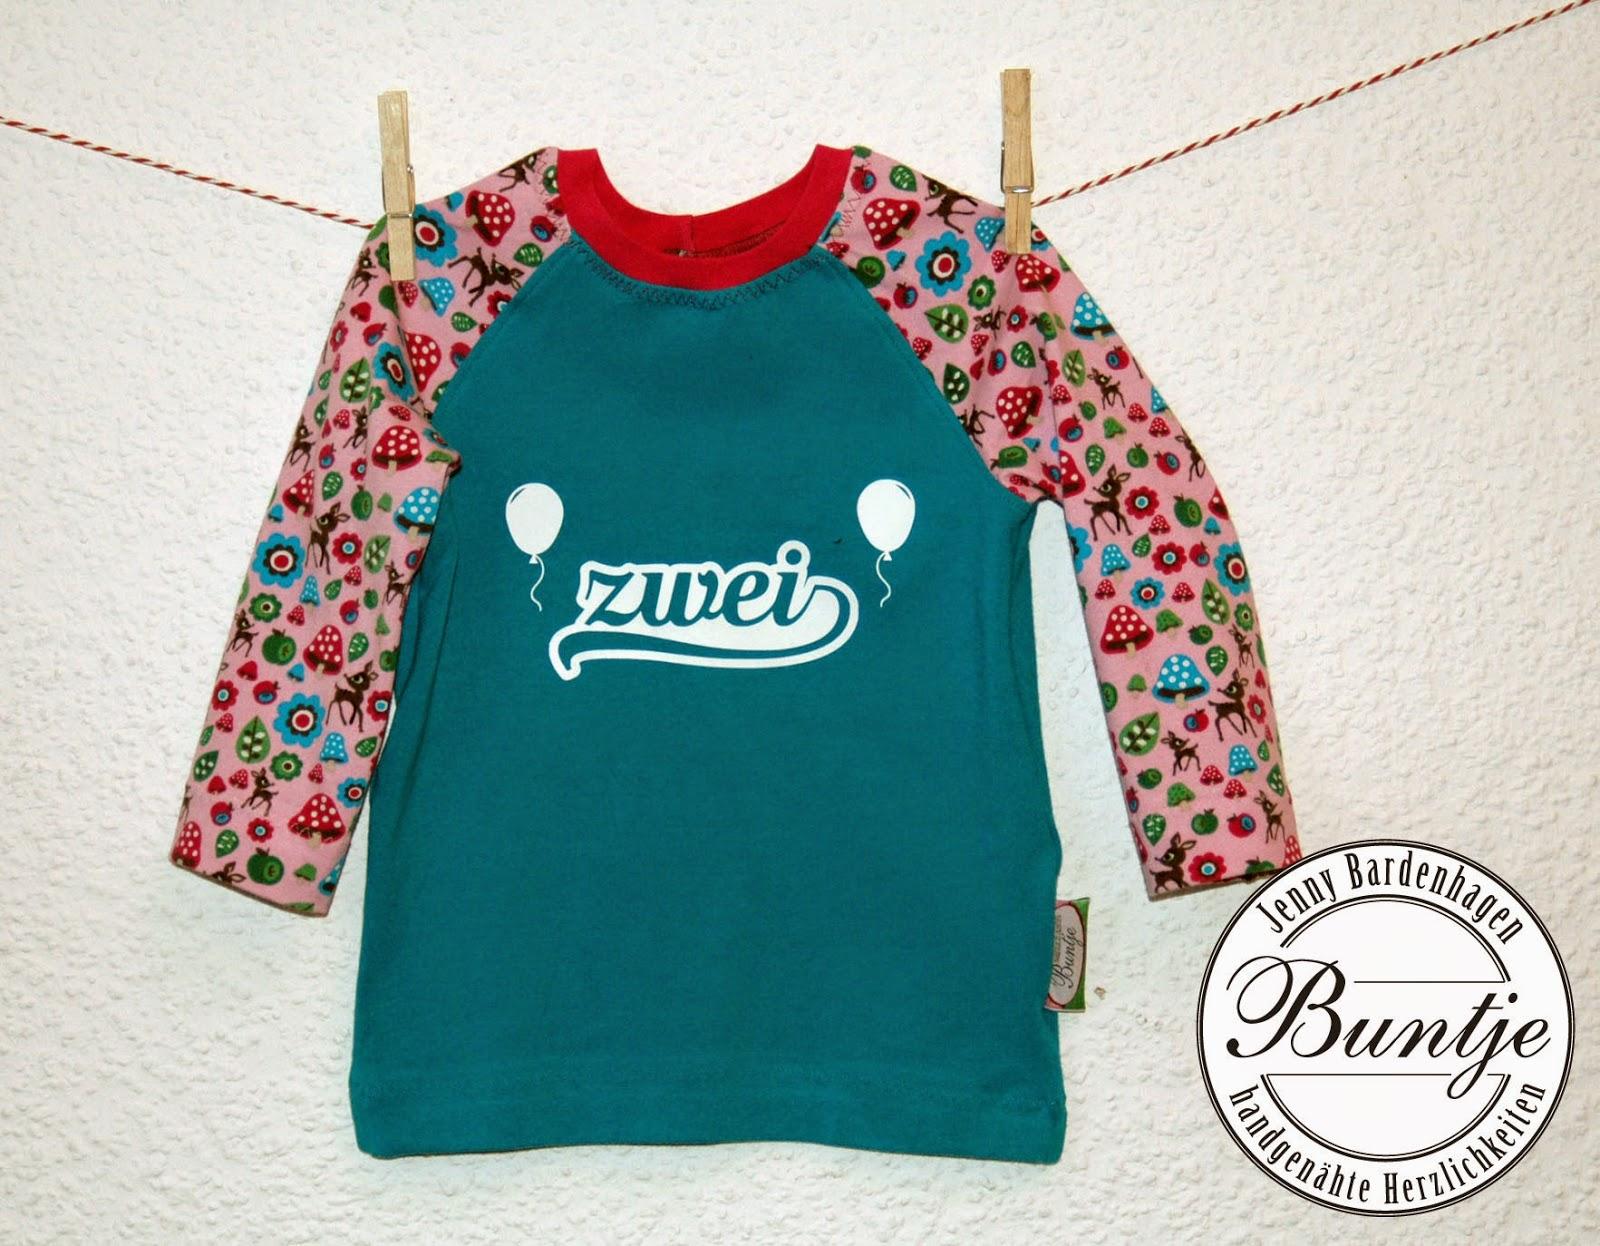 Geburtstagsshirt Shirt Geburtstag Zahl Alter Mädchen Tessa türkis rosa pink Reh Tiere Waldtiere handmade nähen Buntje